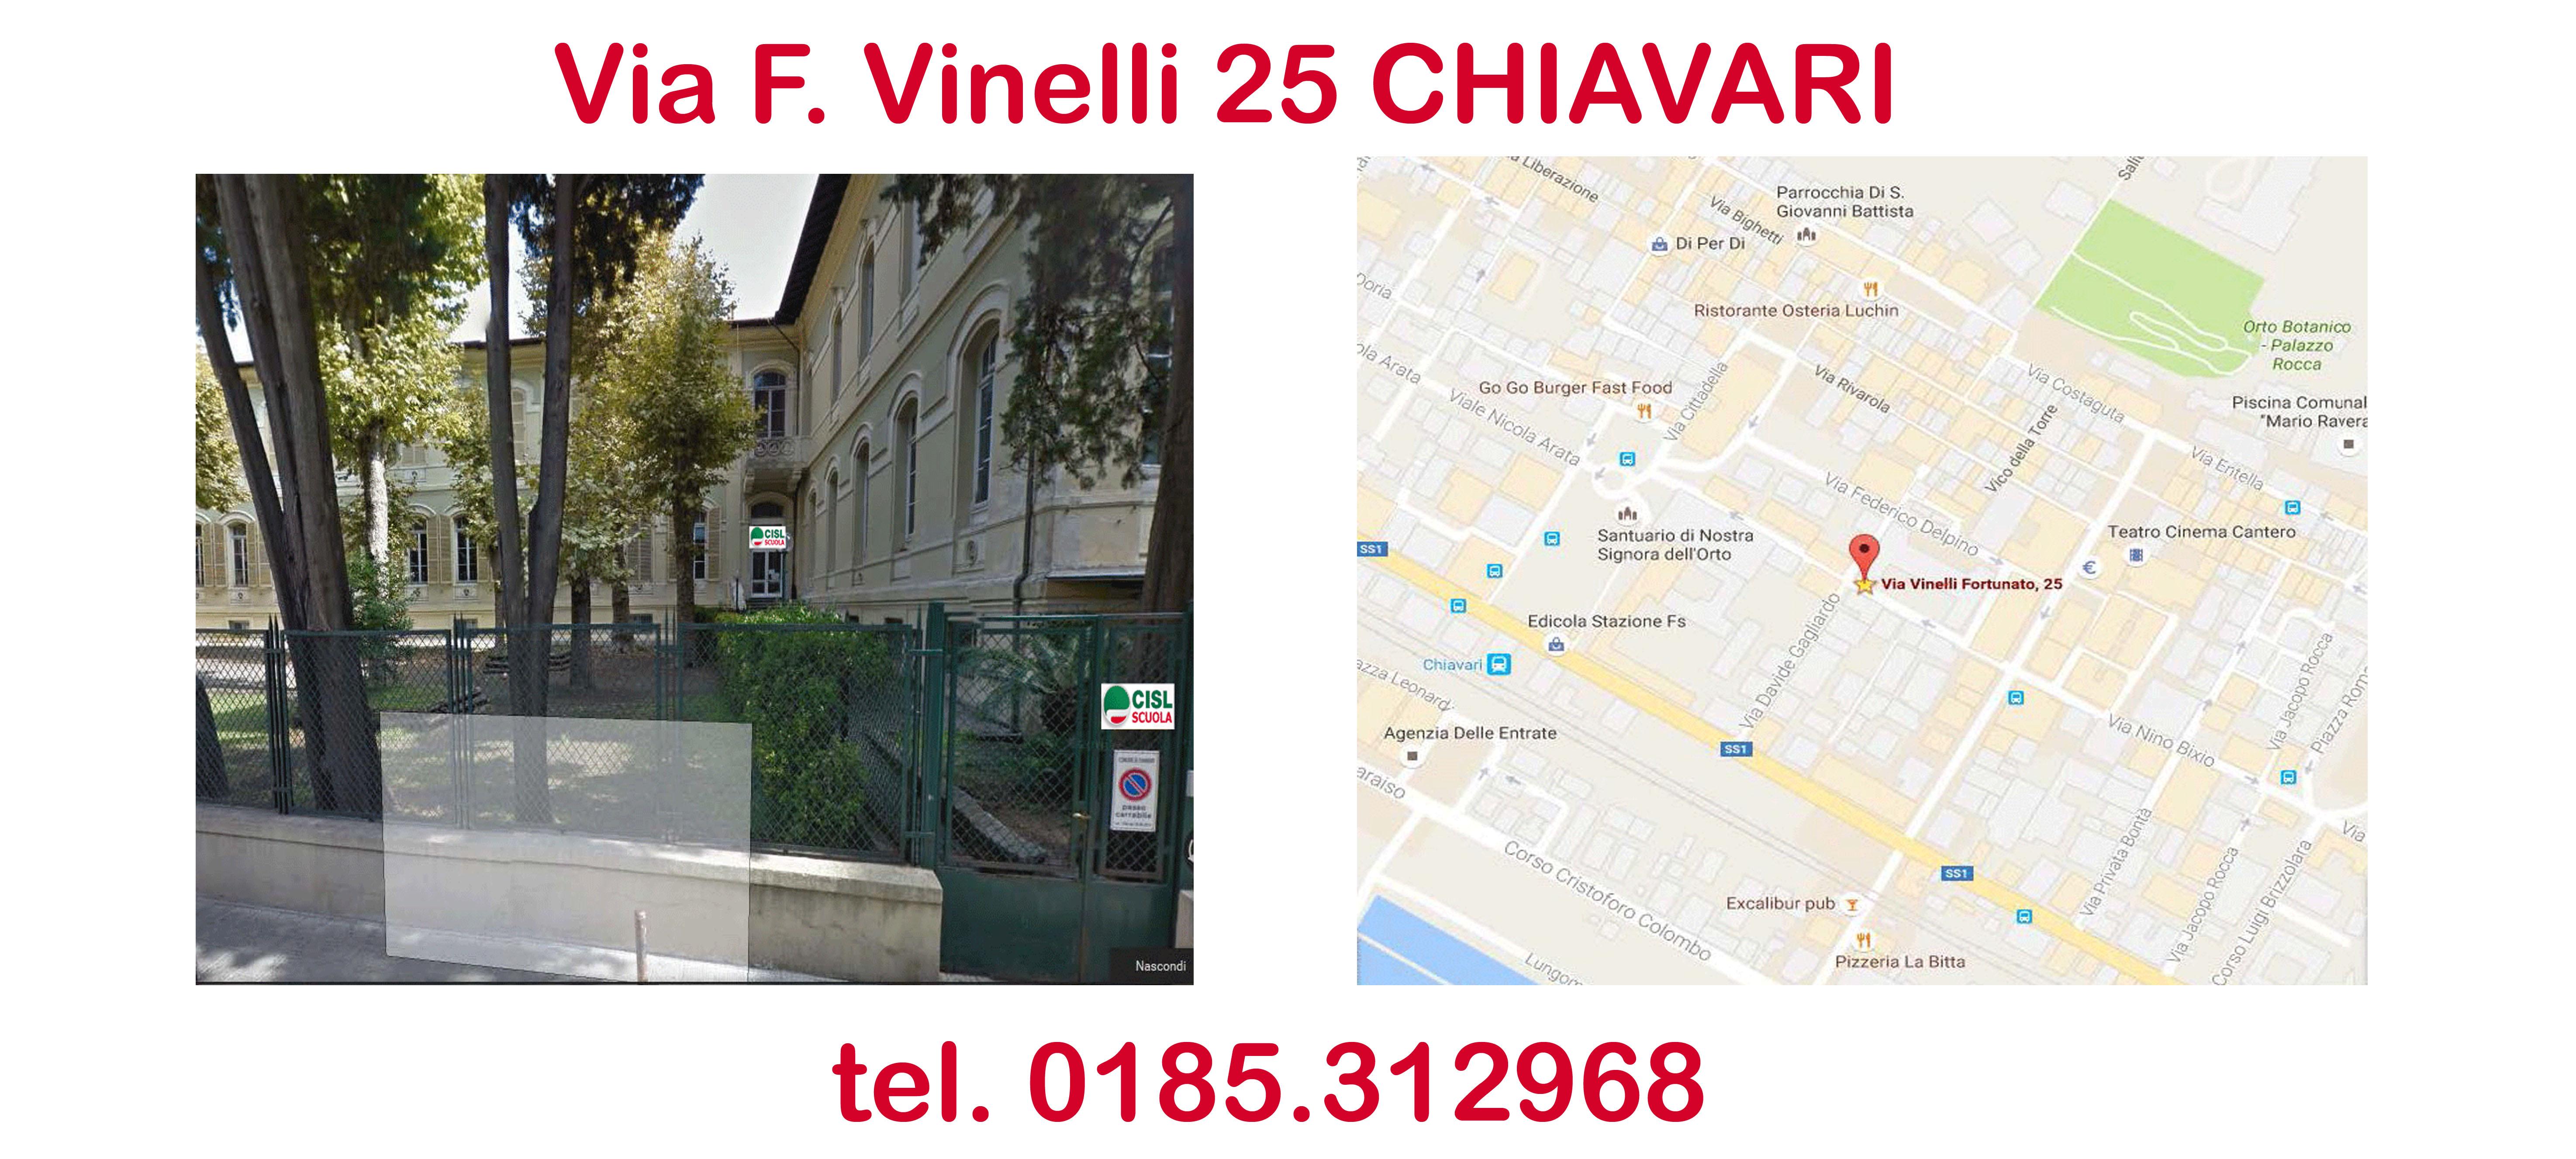 1 – Nuova sede di Chiavari